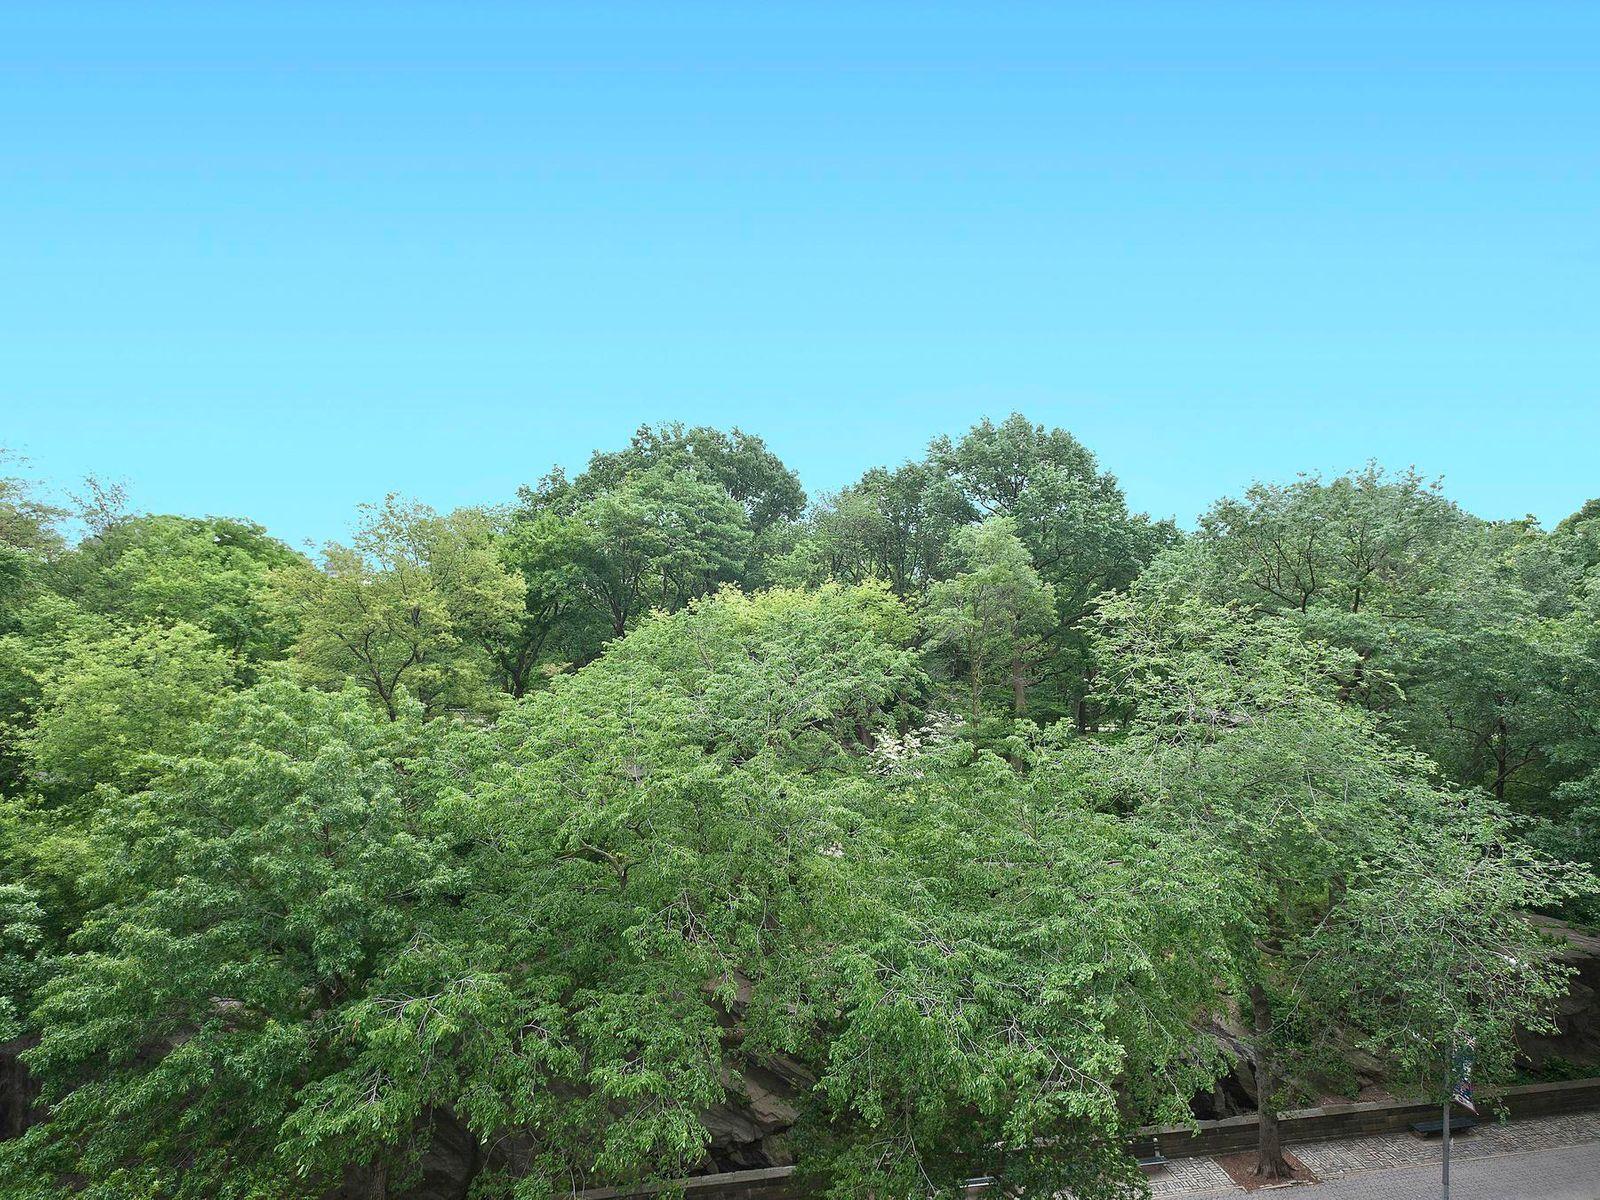 227 Central Park West